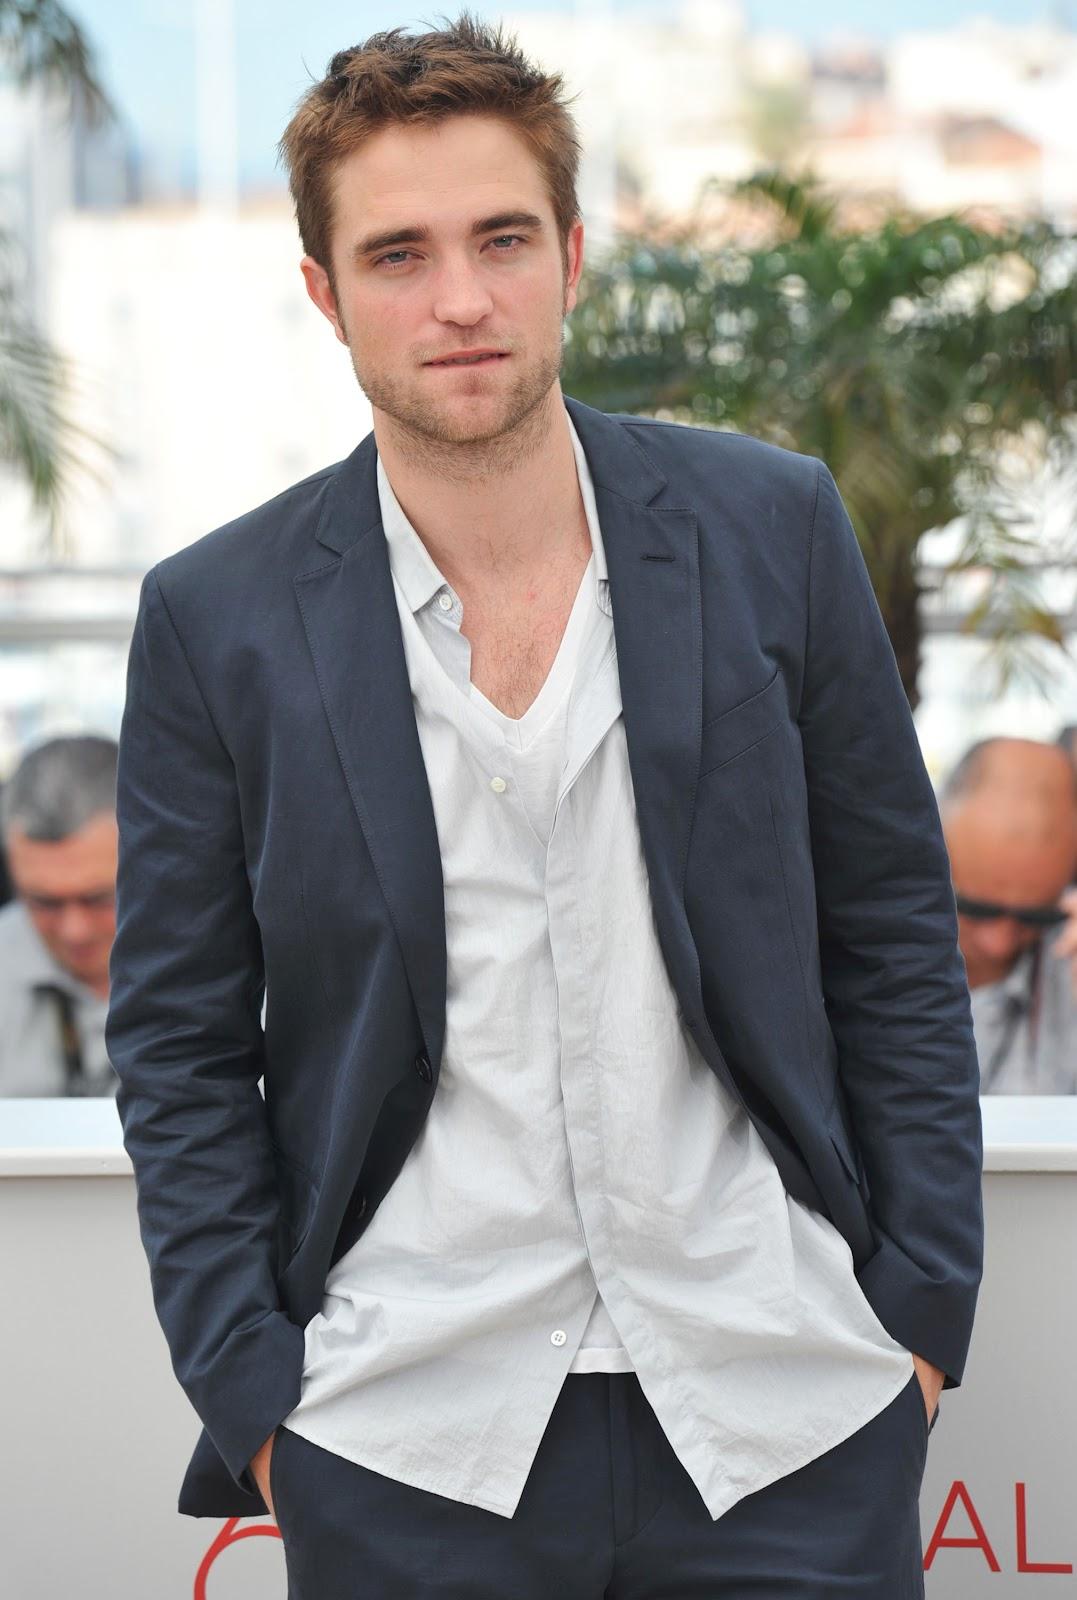 http://3.bp.blogspot.com/-HtbX2JuR9JQ/T9eWaum4ZBI/AAAAAAAATyU/hWqjVP53xeo/s1600/Robert+Pattinson.jpg